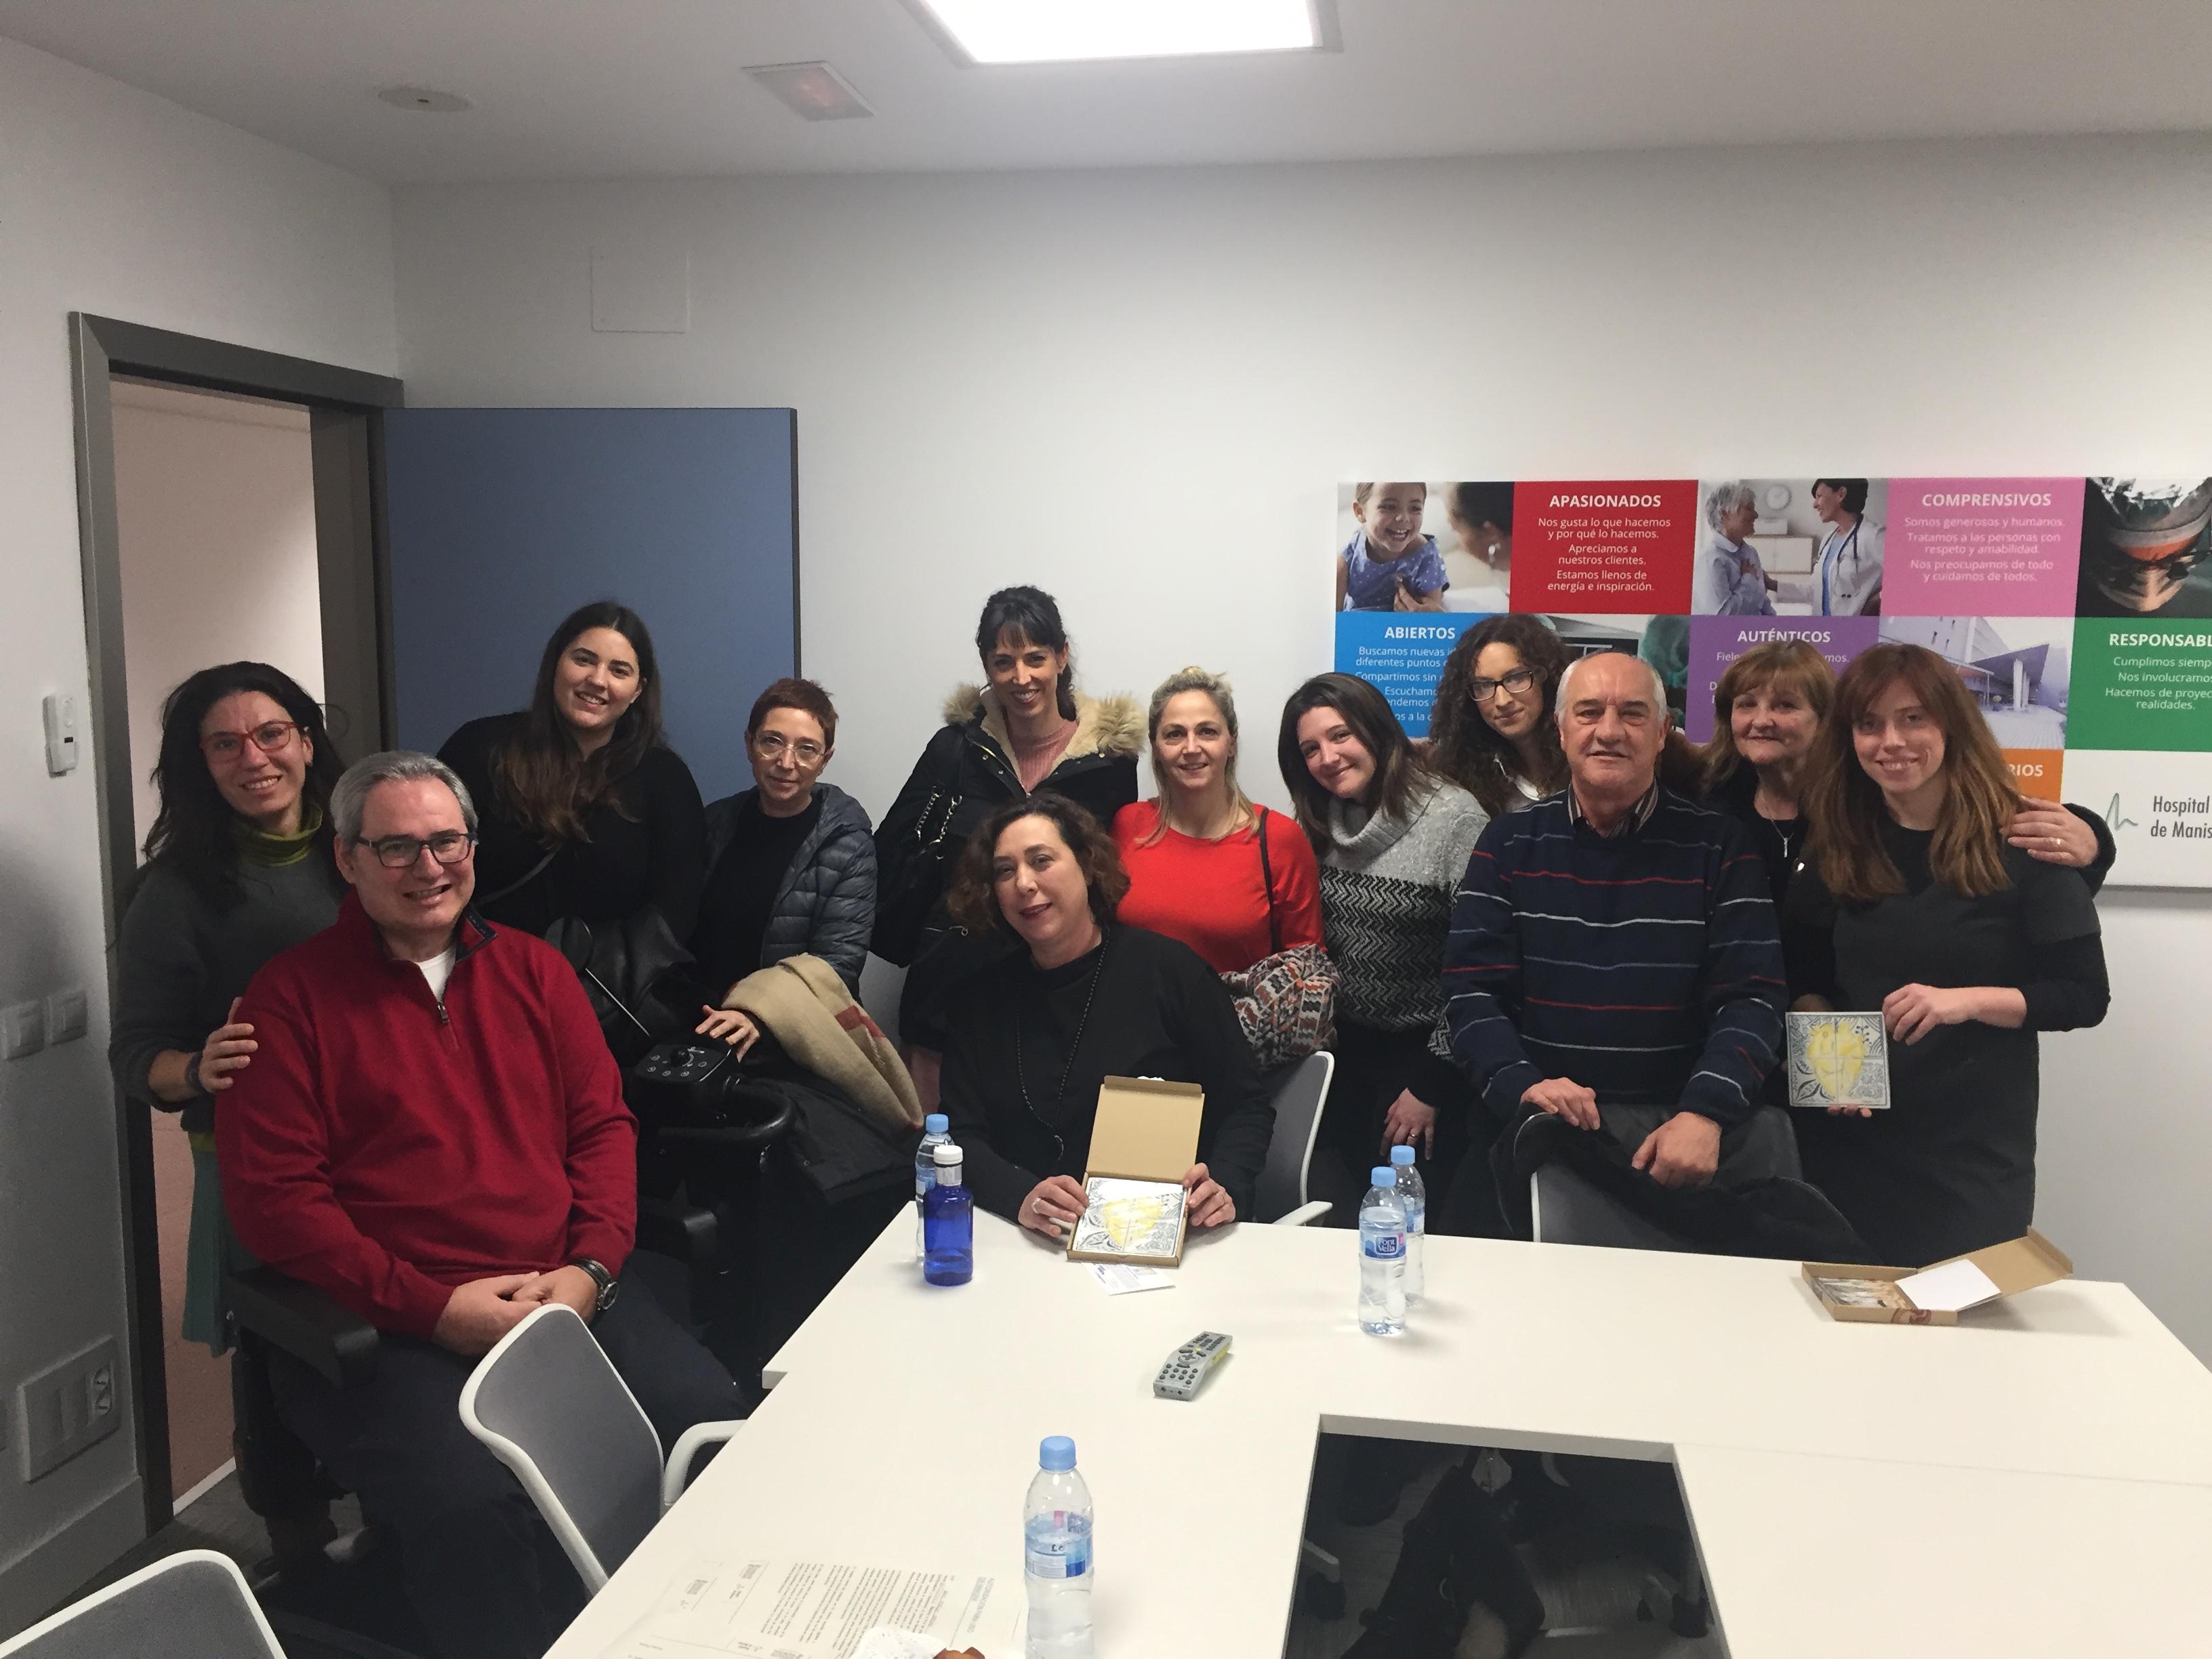 Reunión de enfermeras y enfermeros dela UCI del Hospital de Manises.